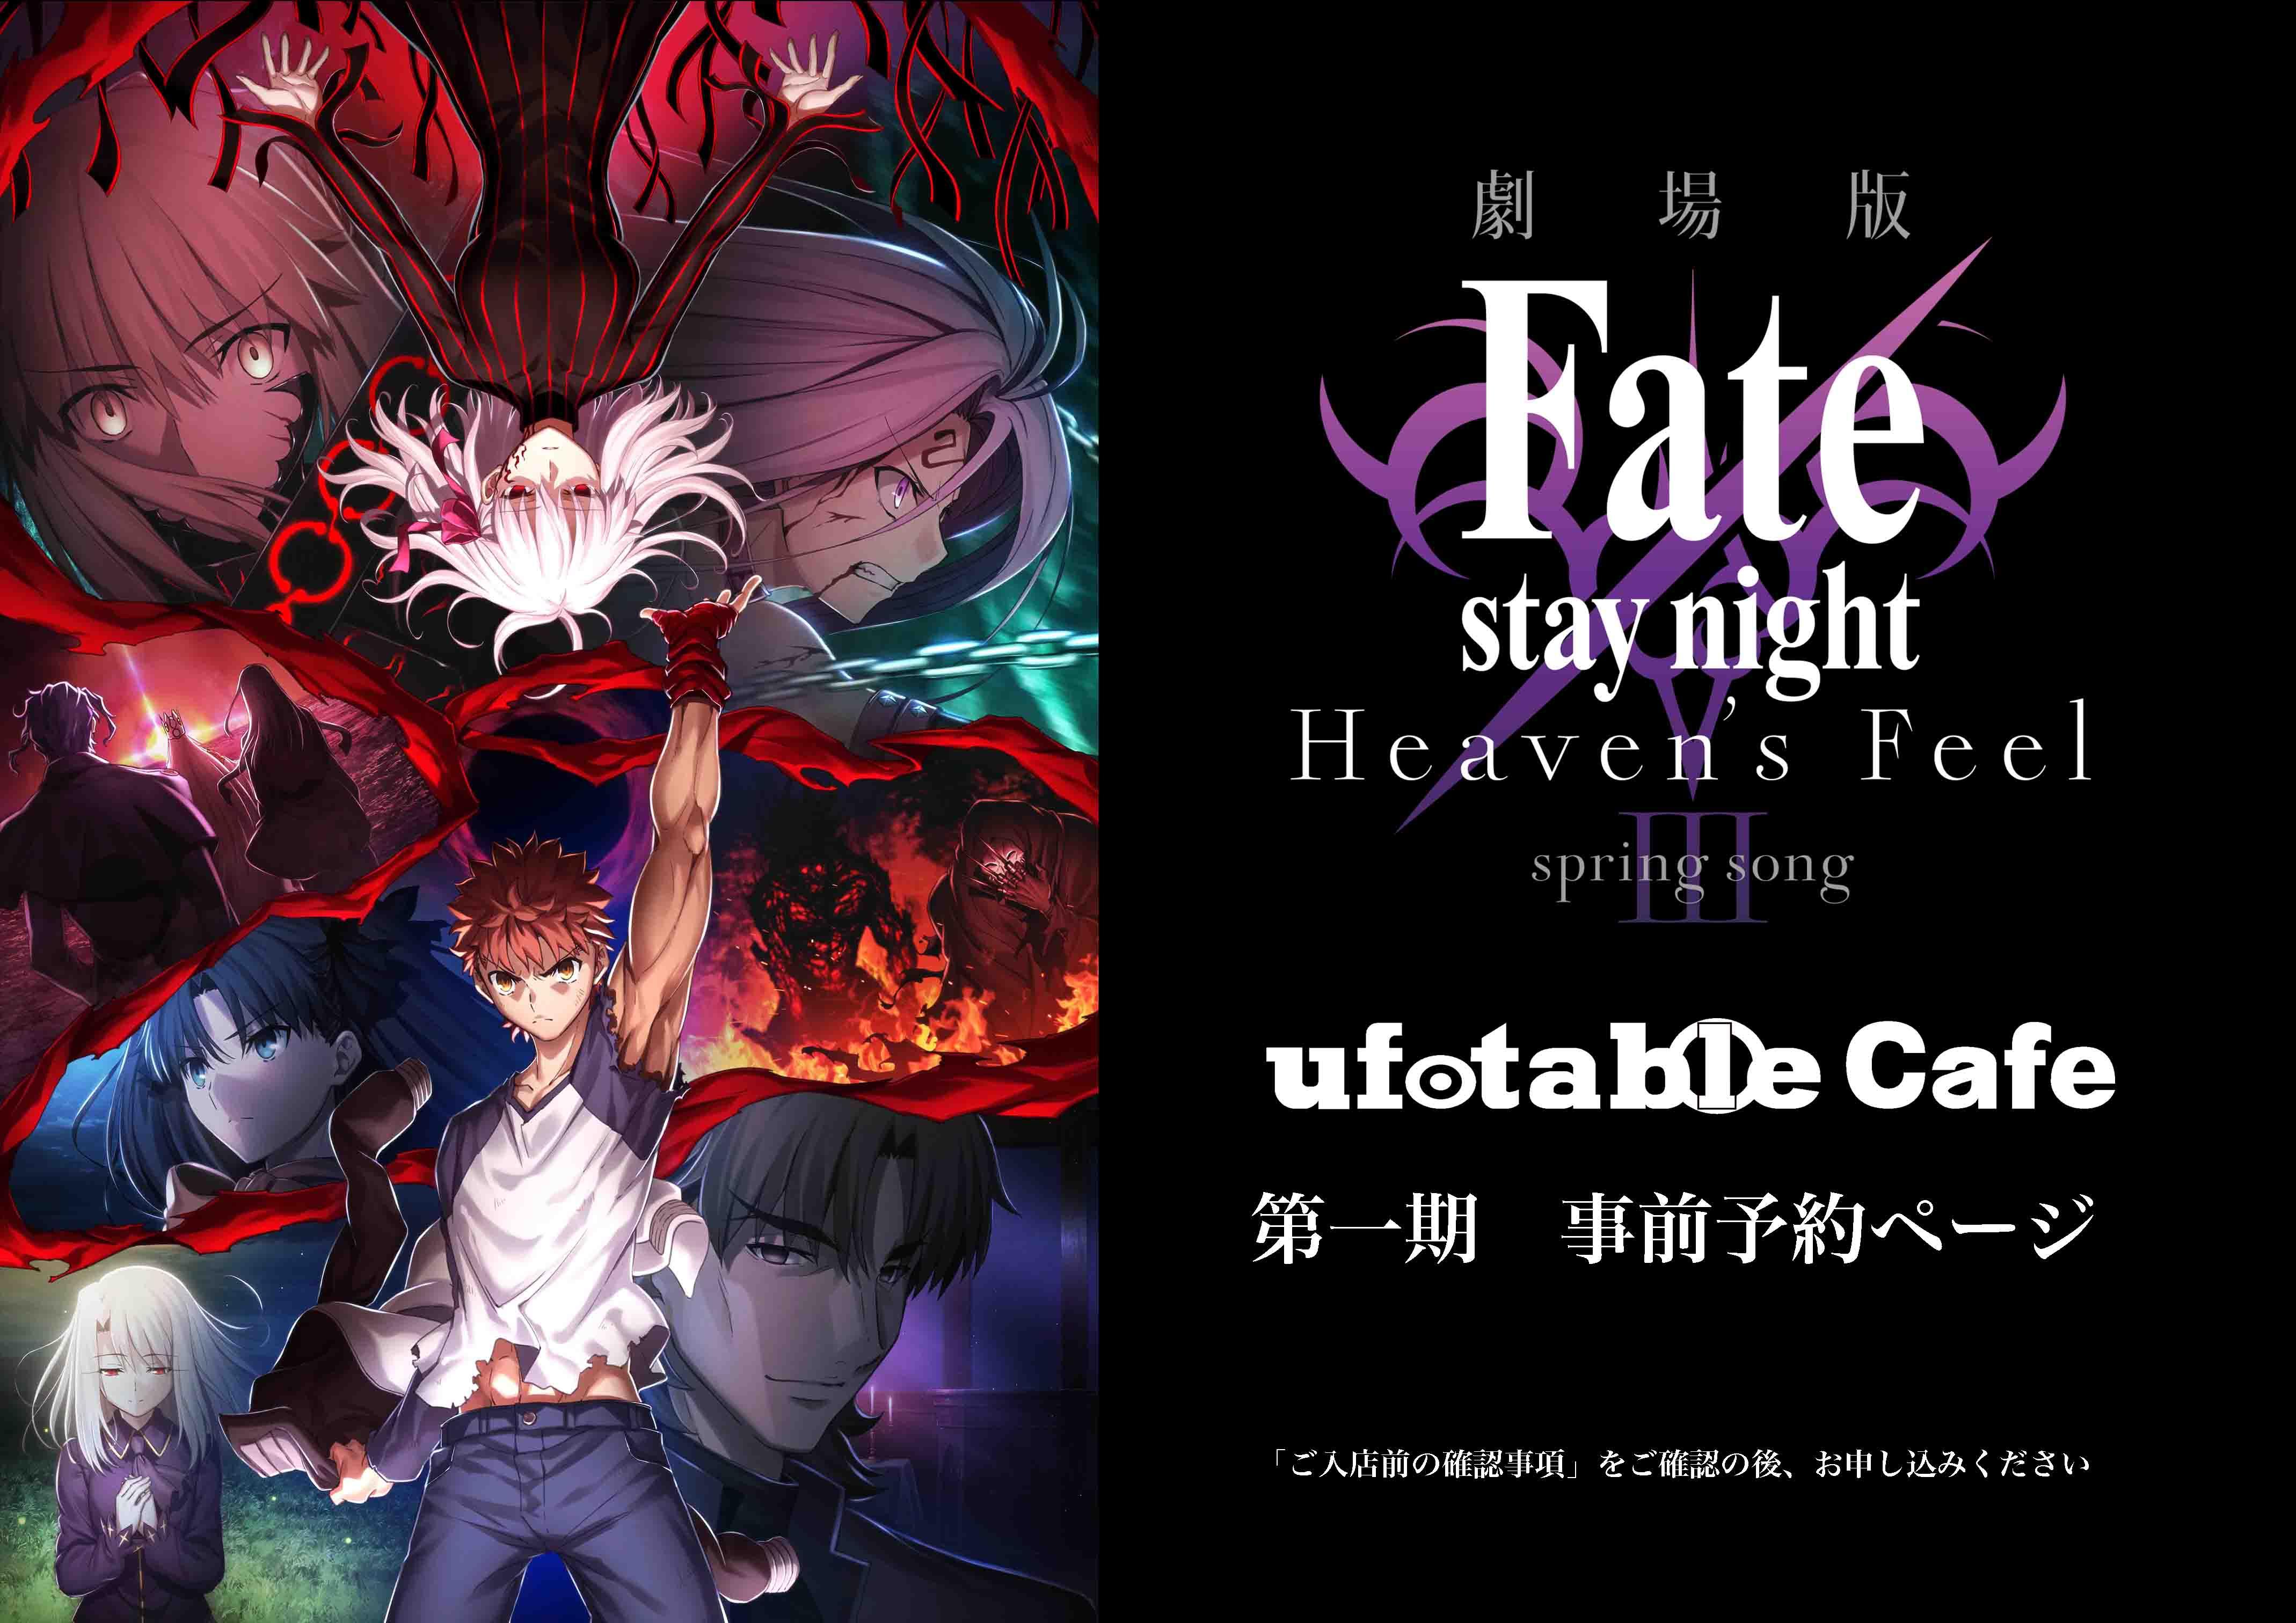 【大阪】ufotableCafe OSAKA 8/18(火) 劇場版「Fate/stay night[Heaven's Feel]」Ⅲ.spring songコラボレーションカフェ